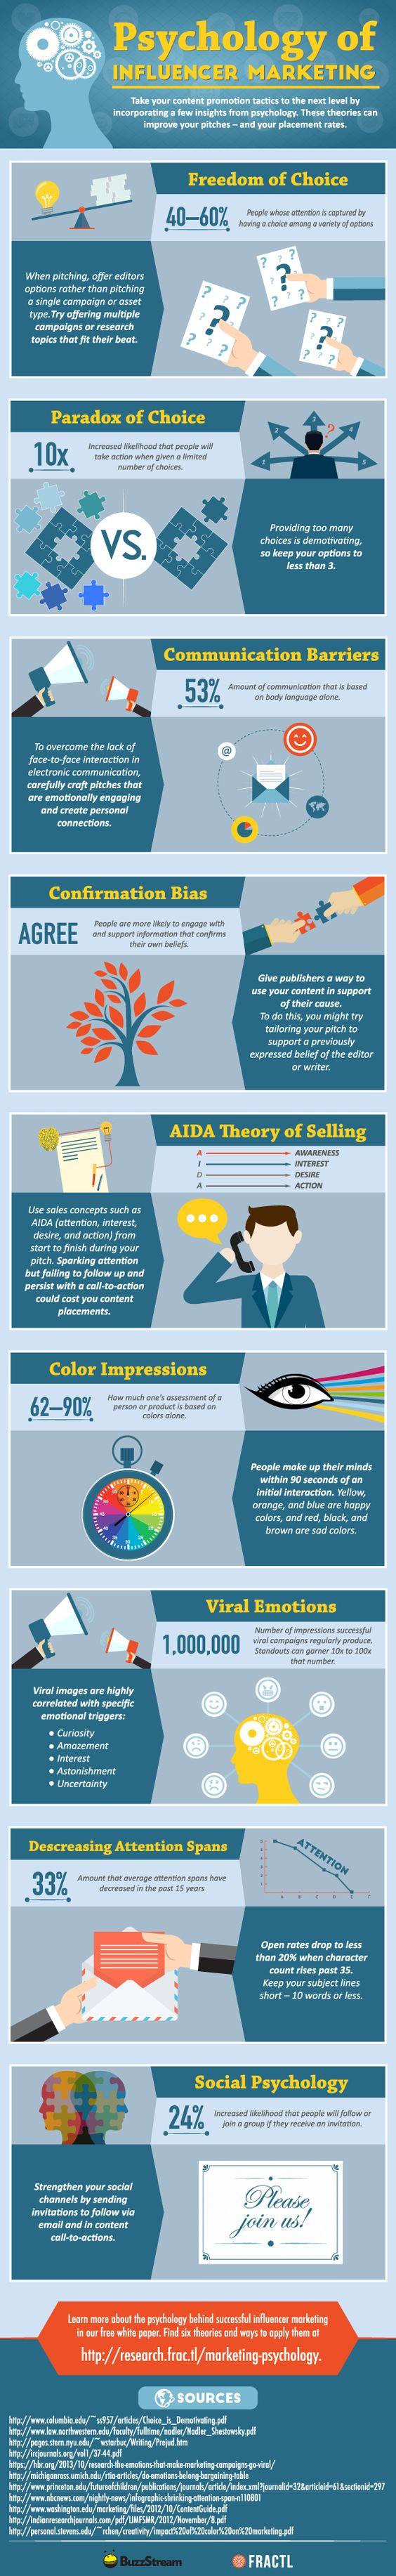 Psychology of buying